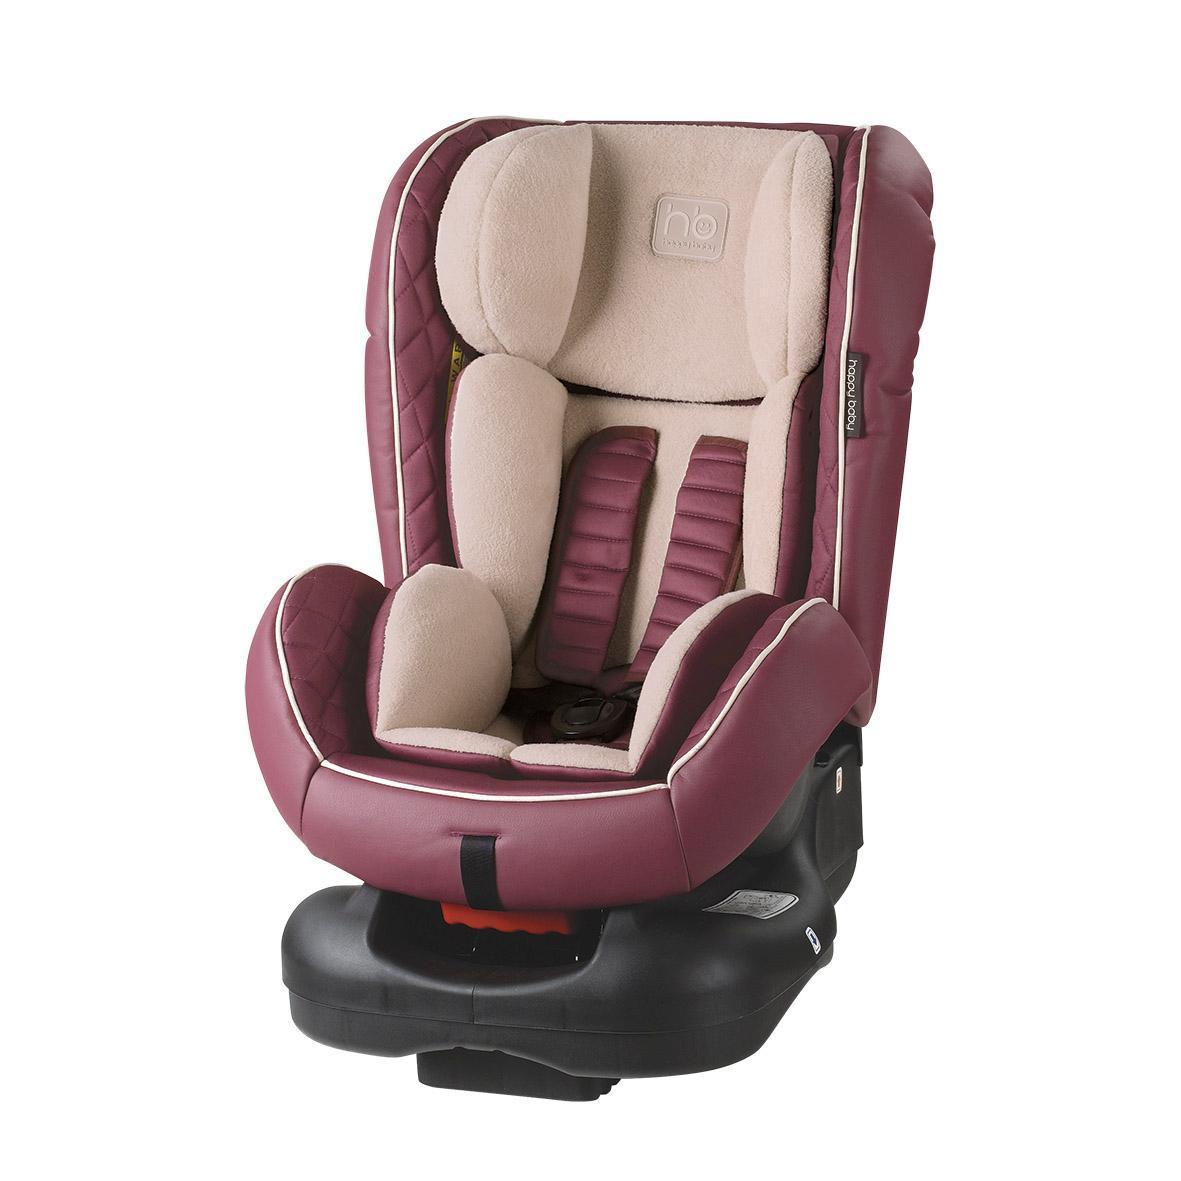 Автокресло Happy Baby Taurus Purple4690624016387Taurus - автомобильное кресло групп 0/I (для детей от 0 до 18 кг). Внешняя часть кресла выполнена из качественной экокожи, приятной на ощупь, которая не пачкается и имеет водоотталкивающий эффект. Благодаря дышащей фактурной текстильной вкладке малыш будет чувствовать себя комфортно. Кресло имеет 4 положения наклона спинки, оснащено удобным механизмом регулировки. Ребенок фиксируется в кресле с помощью пятиточечных ремней безопасности, оснащенных регулируемыми по высоте накладками. Вы можете комфортно поместить малыша в кресло и быть уверенными в его безопасности. Автокресло крепится в автомобиле с помощью трехточечных штатных ремней безопасности и устанавливается лицом по ходу или против движения автомобиля.